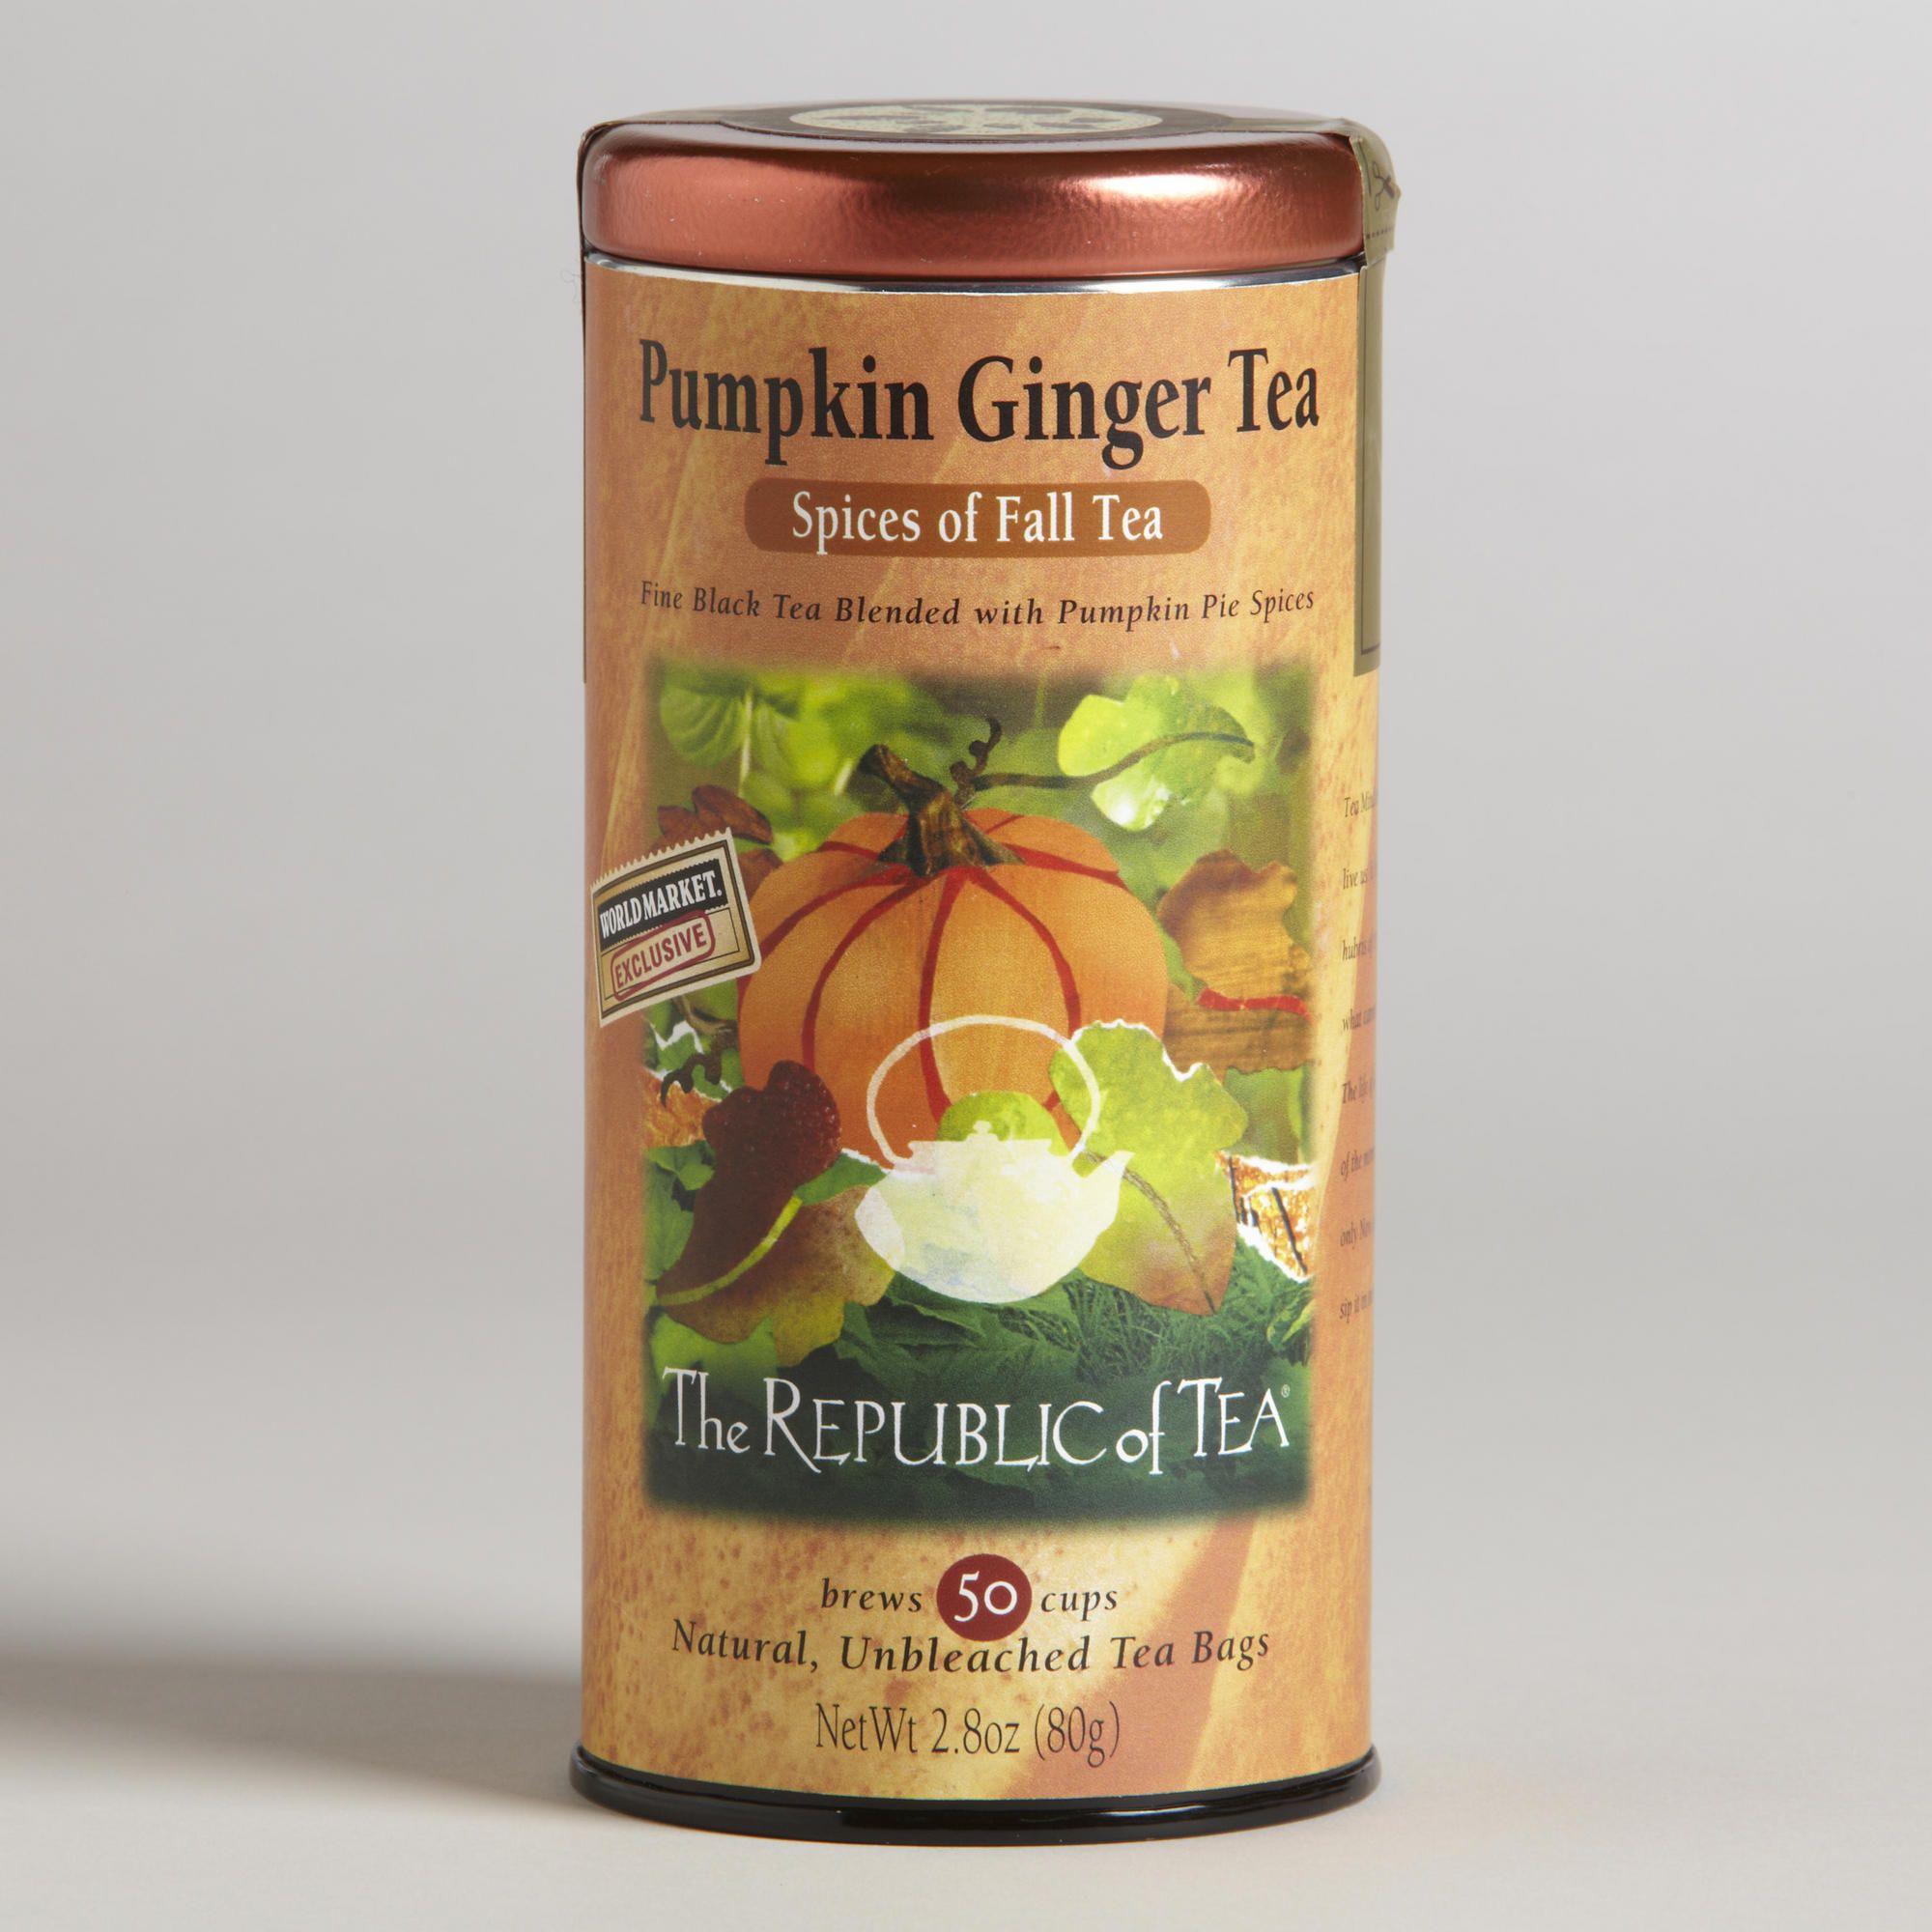 Pumpkin Ginger Tea